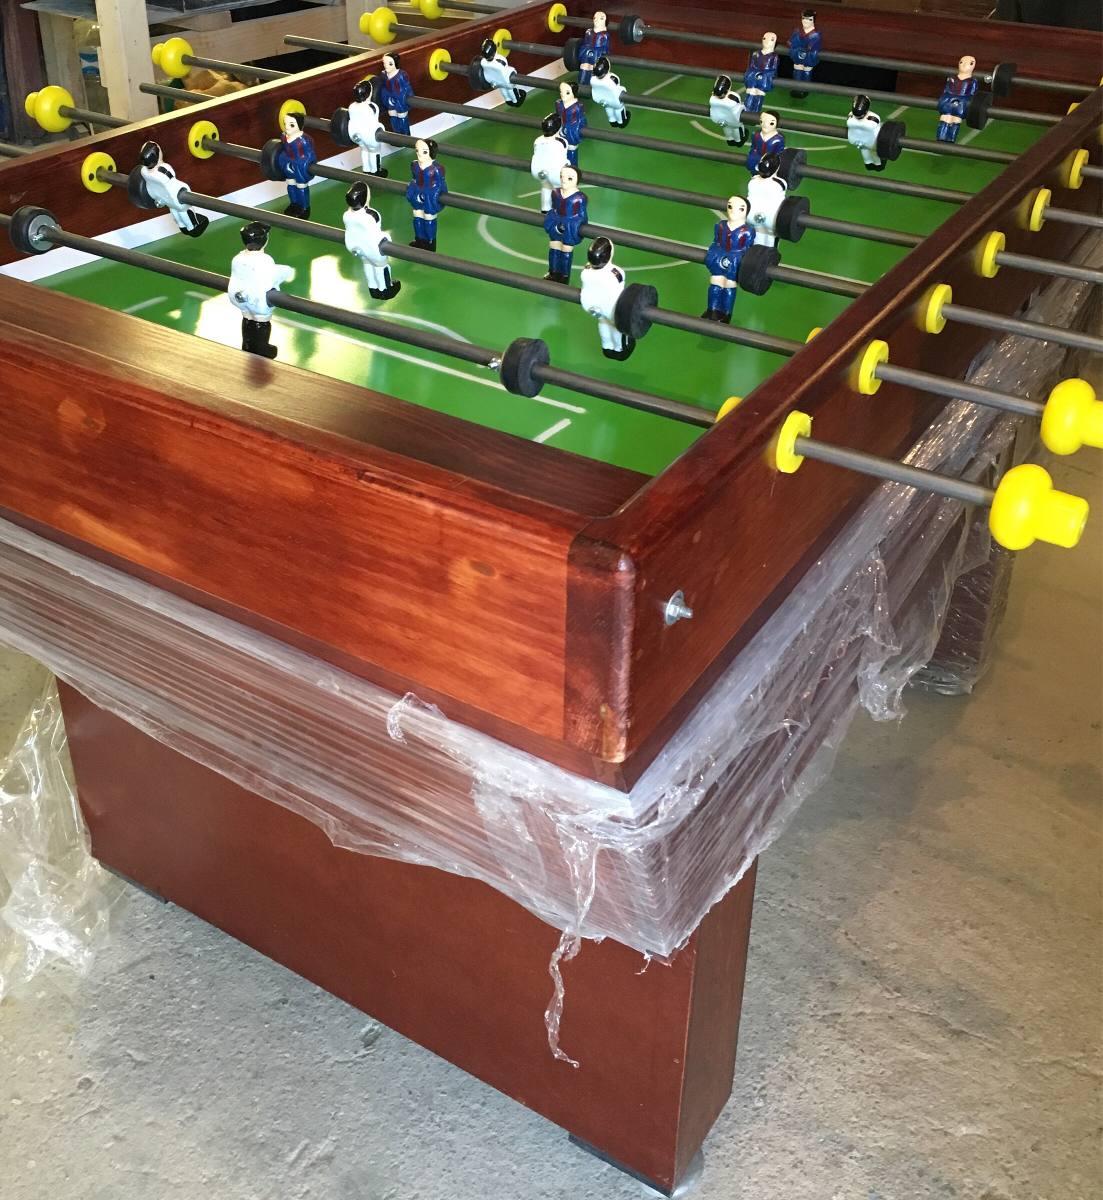 Mesa de futbolito nuevo excelente calidad 8 for Mesa futbolito